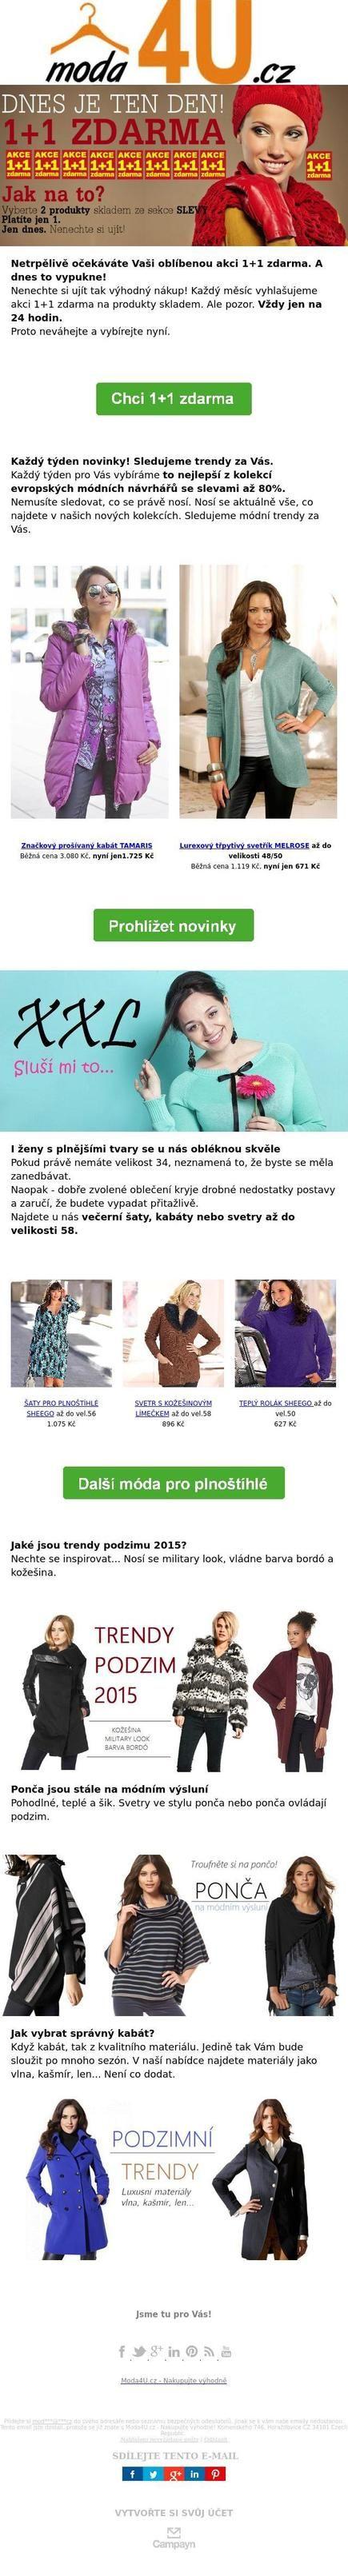 Great newsletter From Moda4U.cz - Nakupujte výhodně! http://cm.pn/1dqn